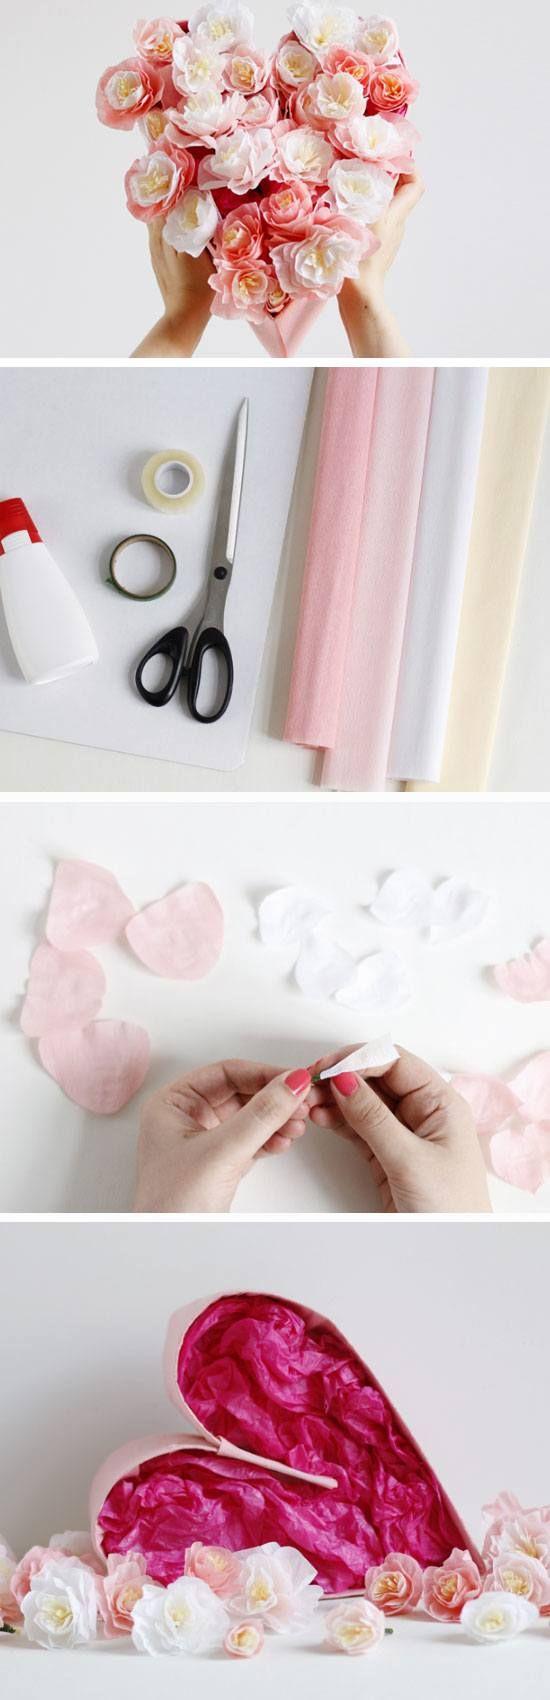 17 DIY Pink Wedding Ideas for Summer   Themed weddings, Wedding ...